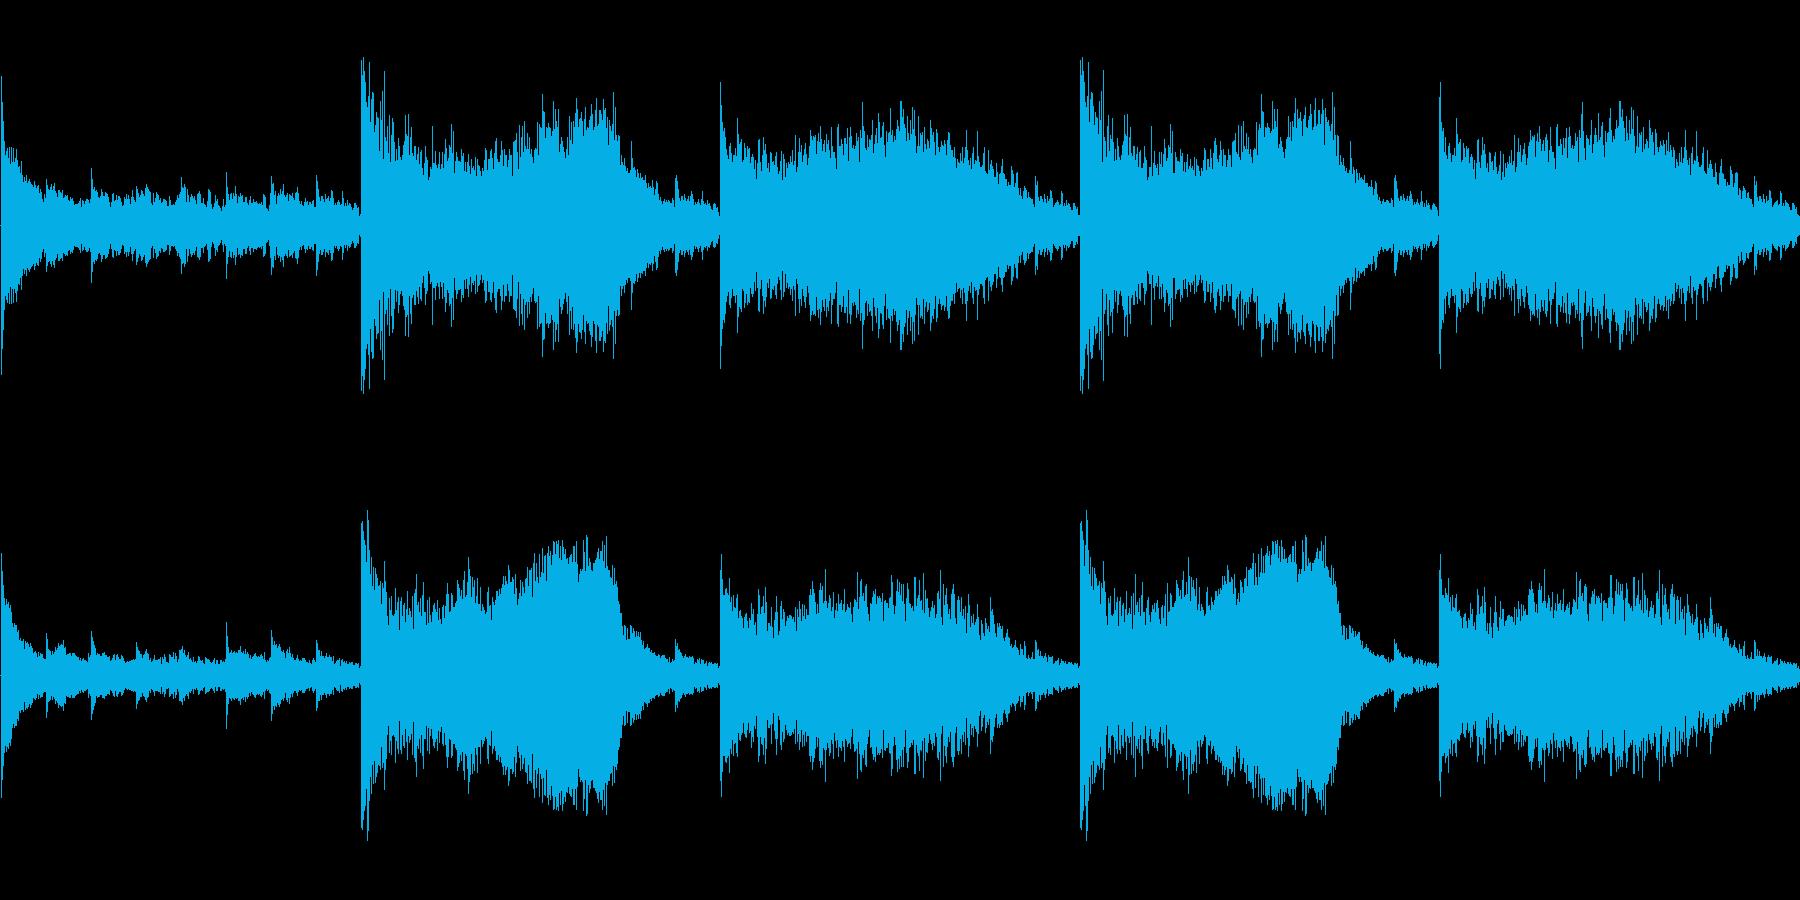 【映画/ホラー/予感】の再生済みの波形